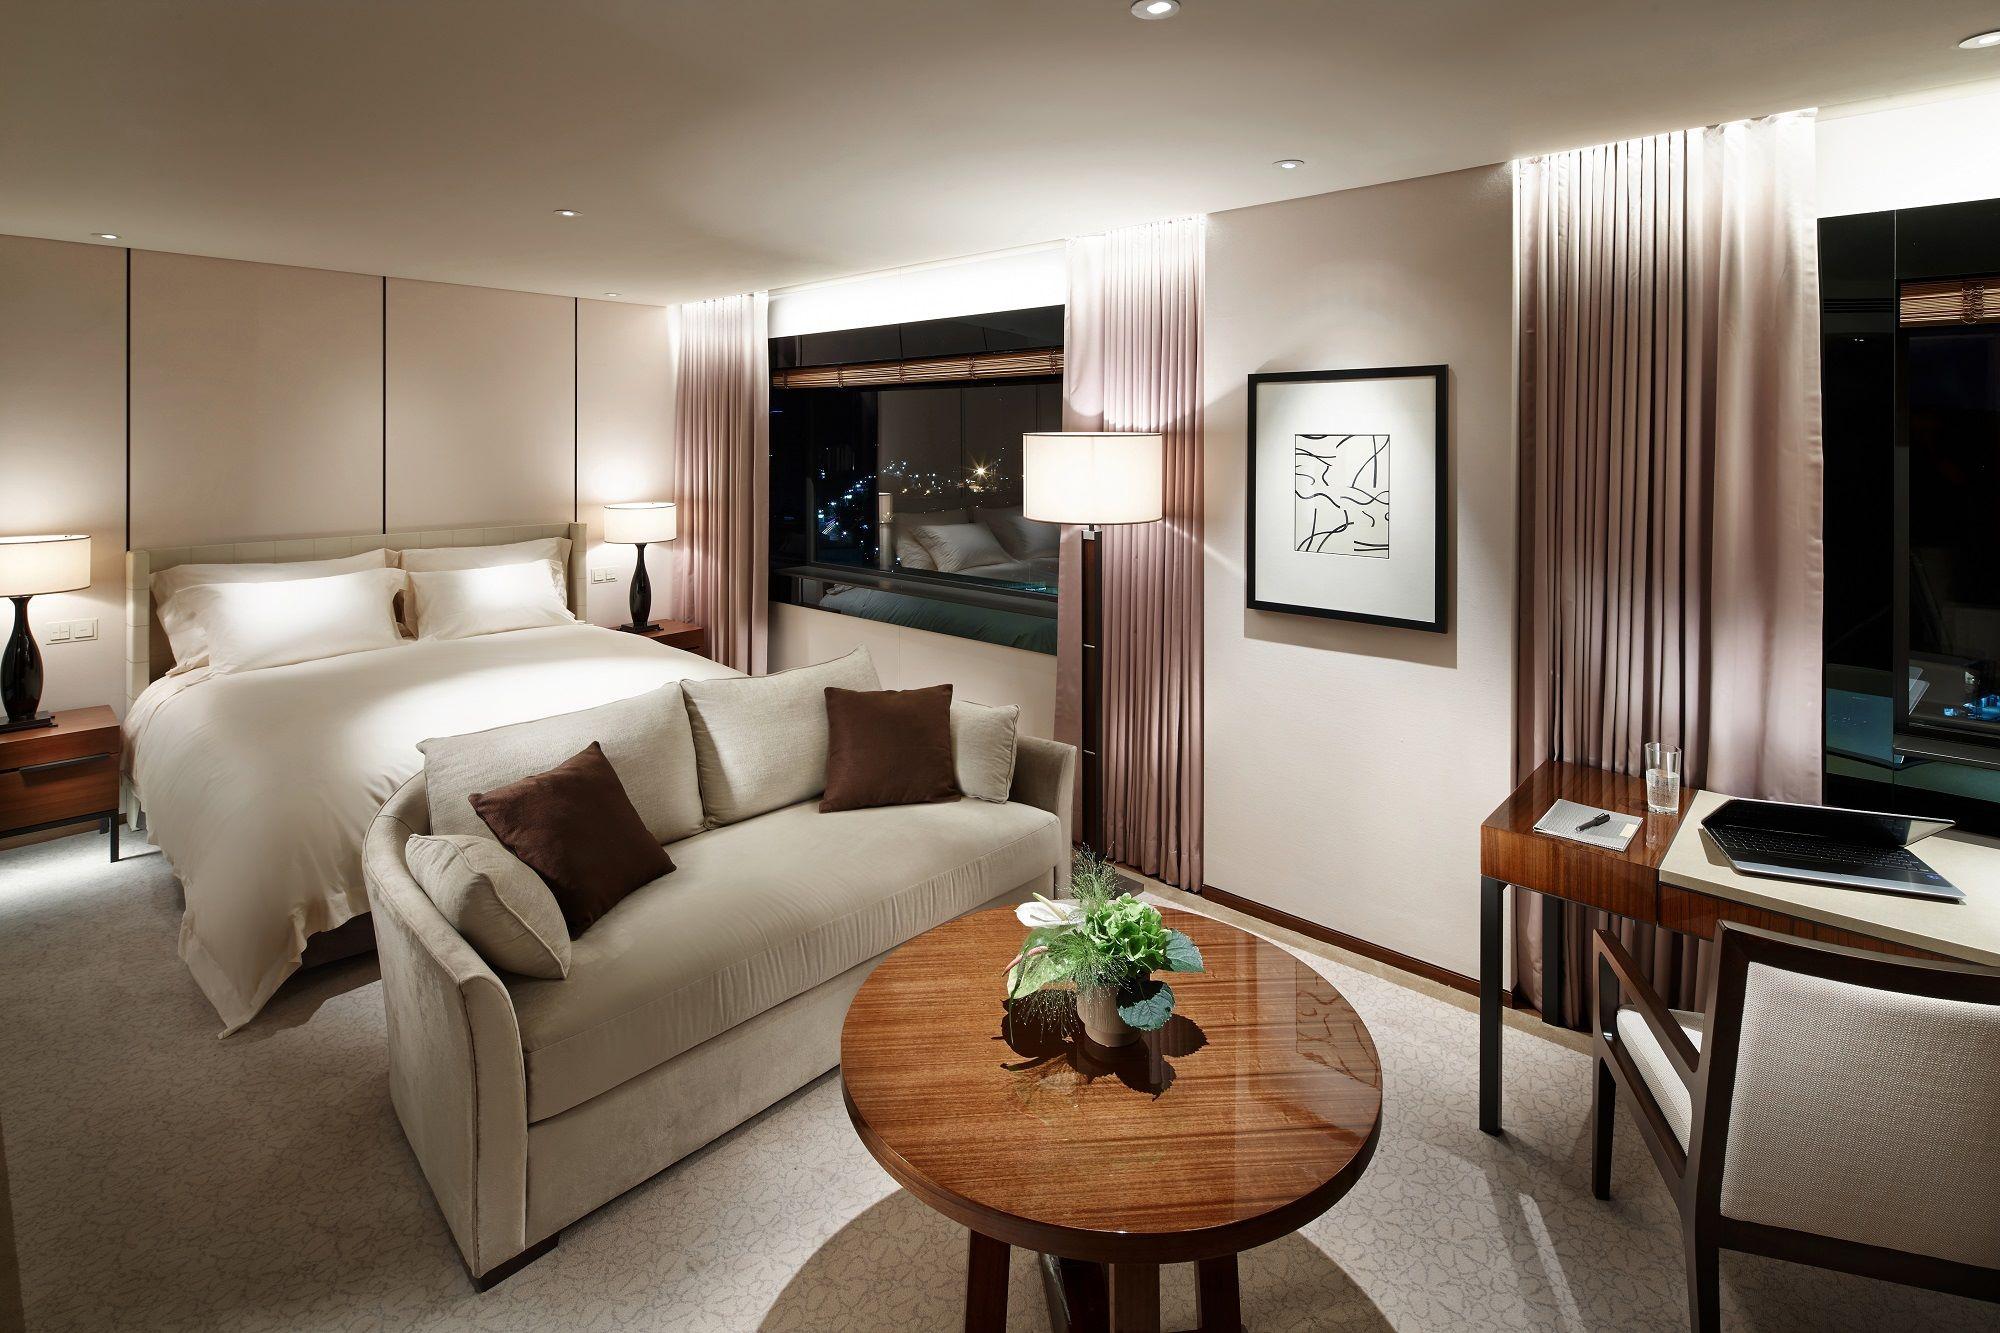 Đẳng cấp sang chảnh số 1 của The Shilla - Khách sạn mà cặp đôi Song - Song chọn làm nơi tổ chức đám cưới - Ảnh 13.